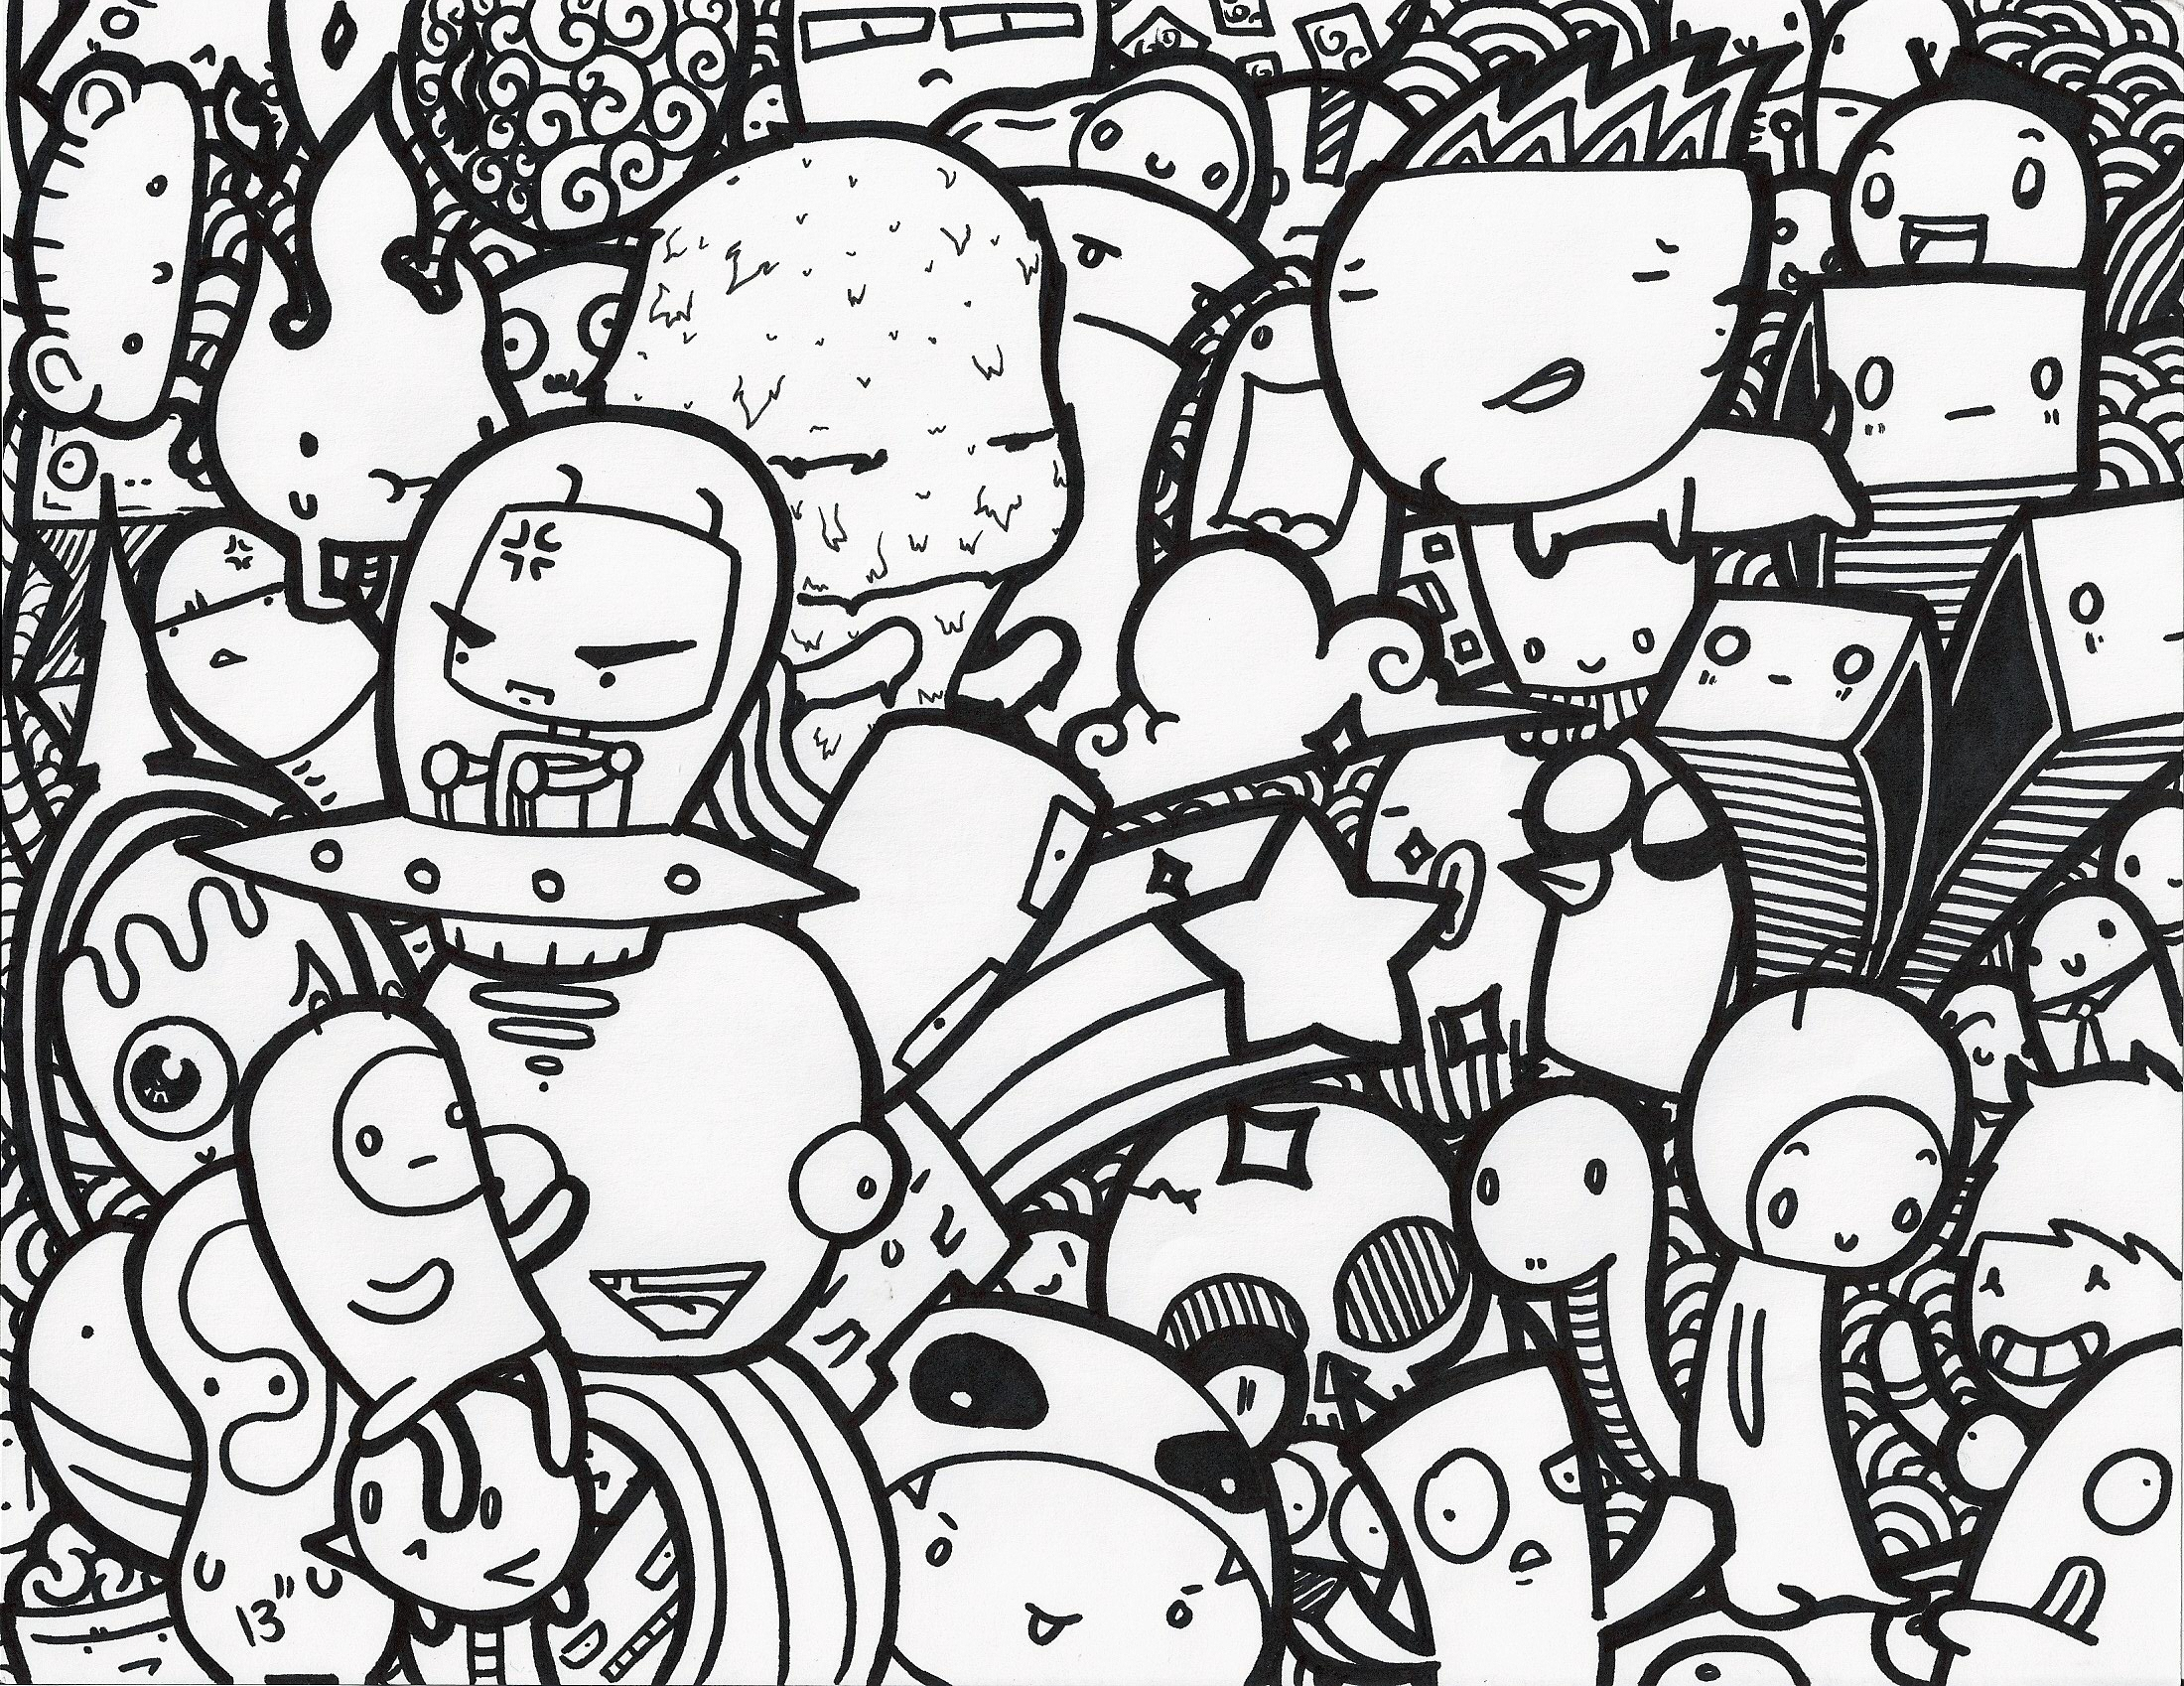 Doodle Jump DC Super Heroes v1.4.0 (Mod Money) Immagini